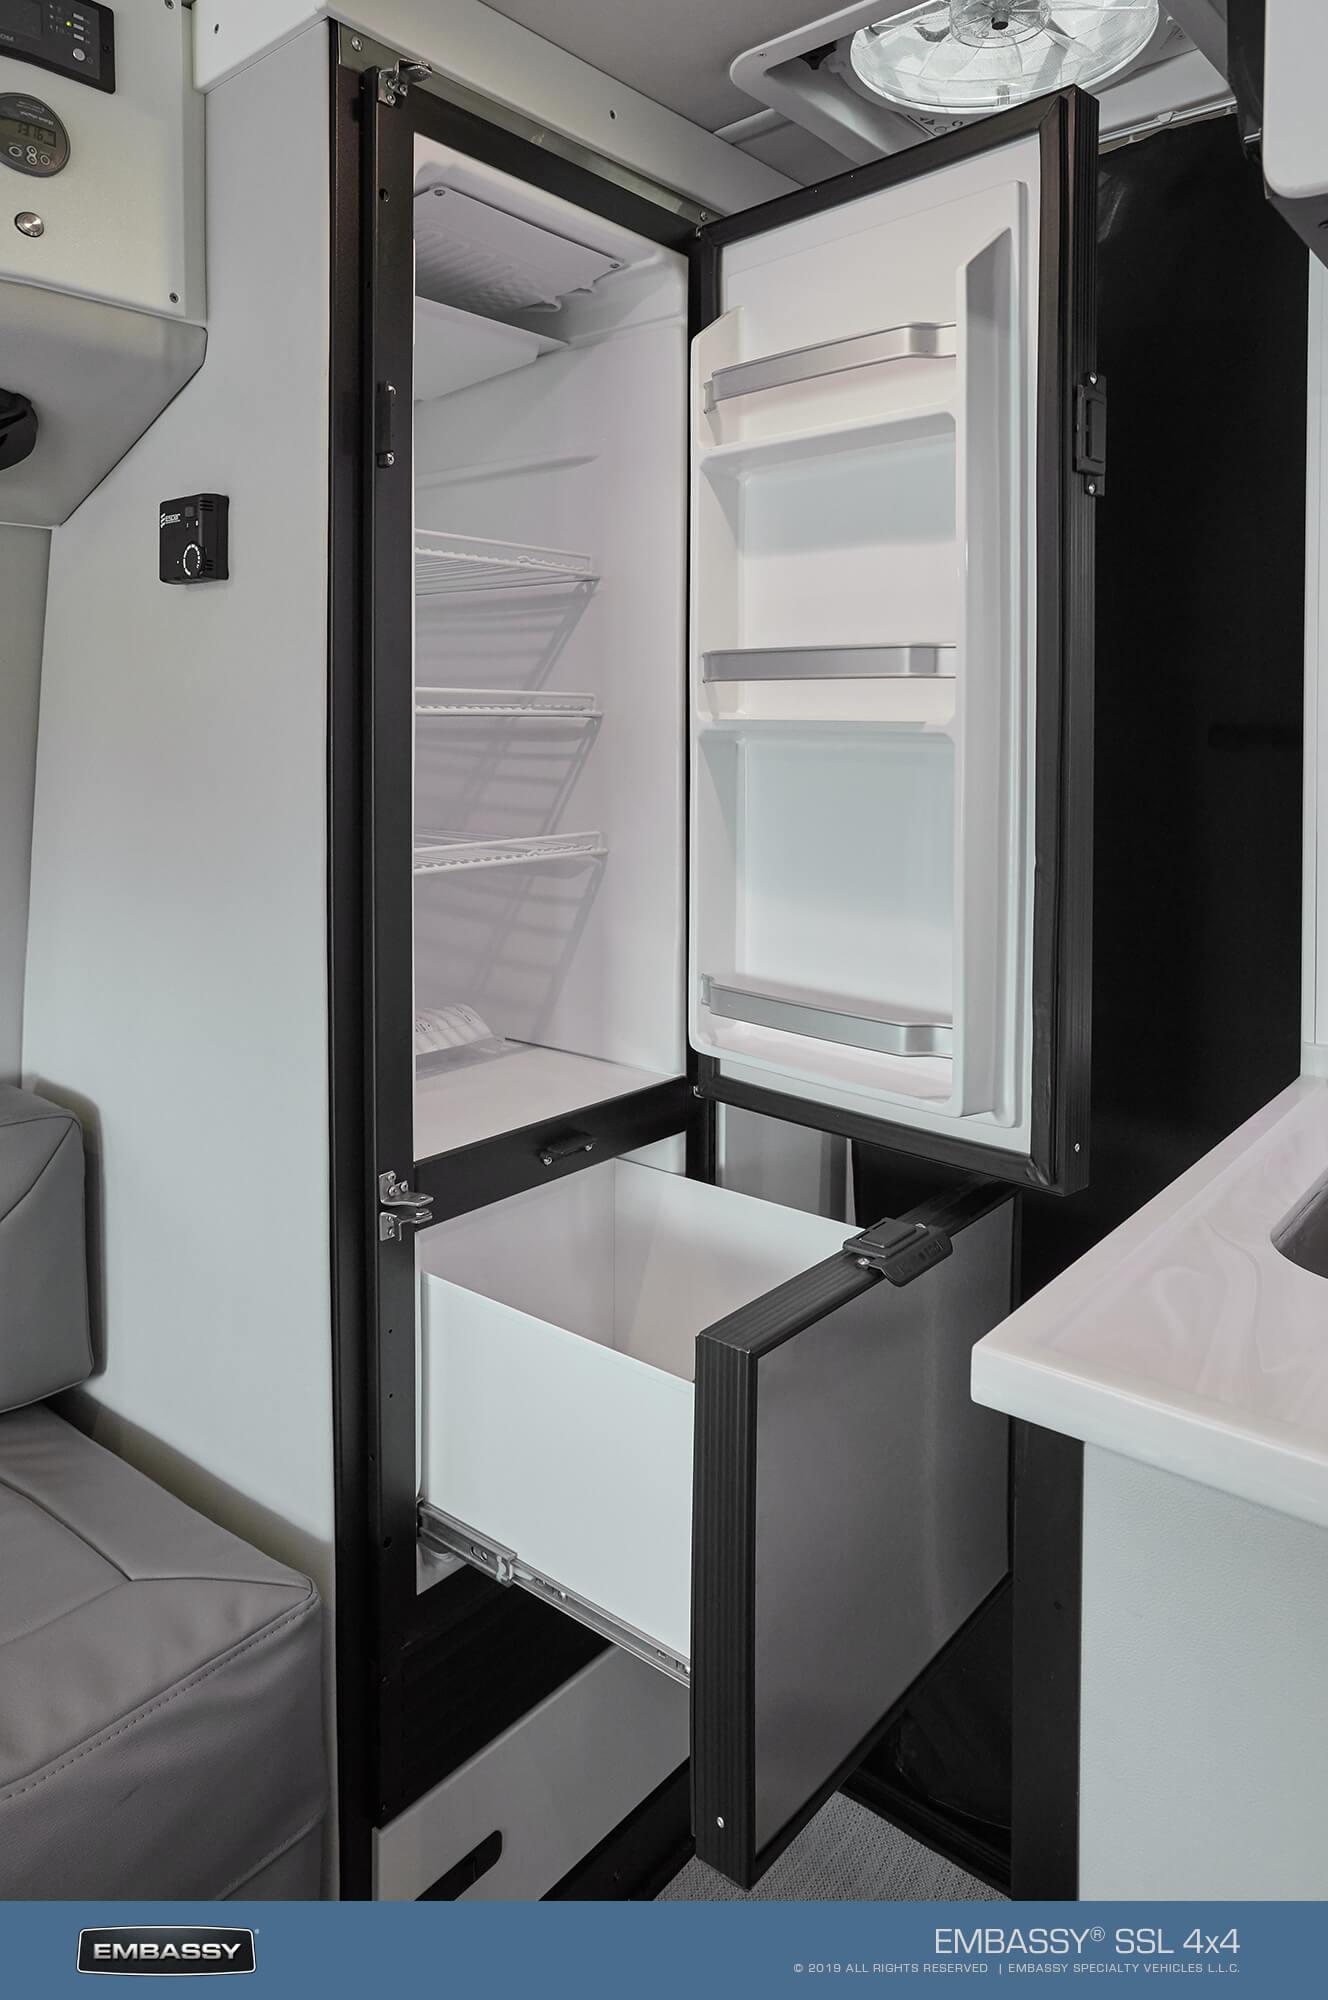 Embassy RV  6.8 cf. 12v Refrigerator